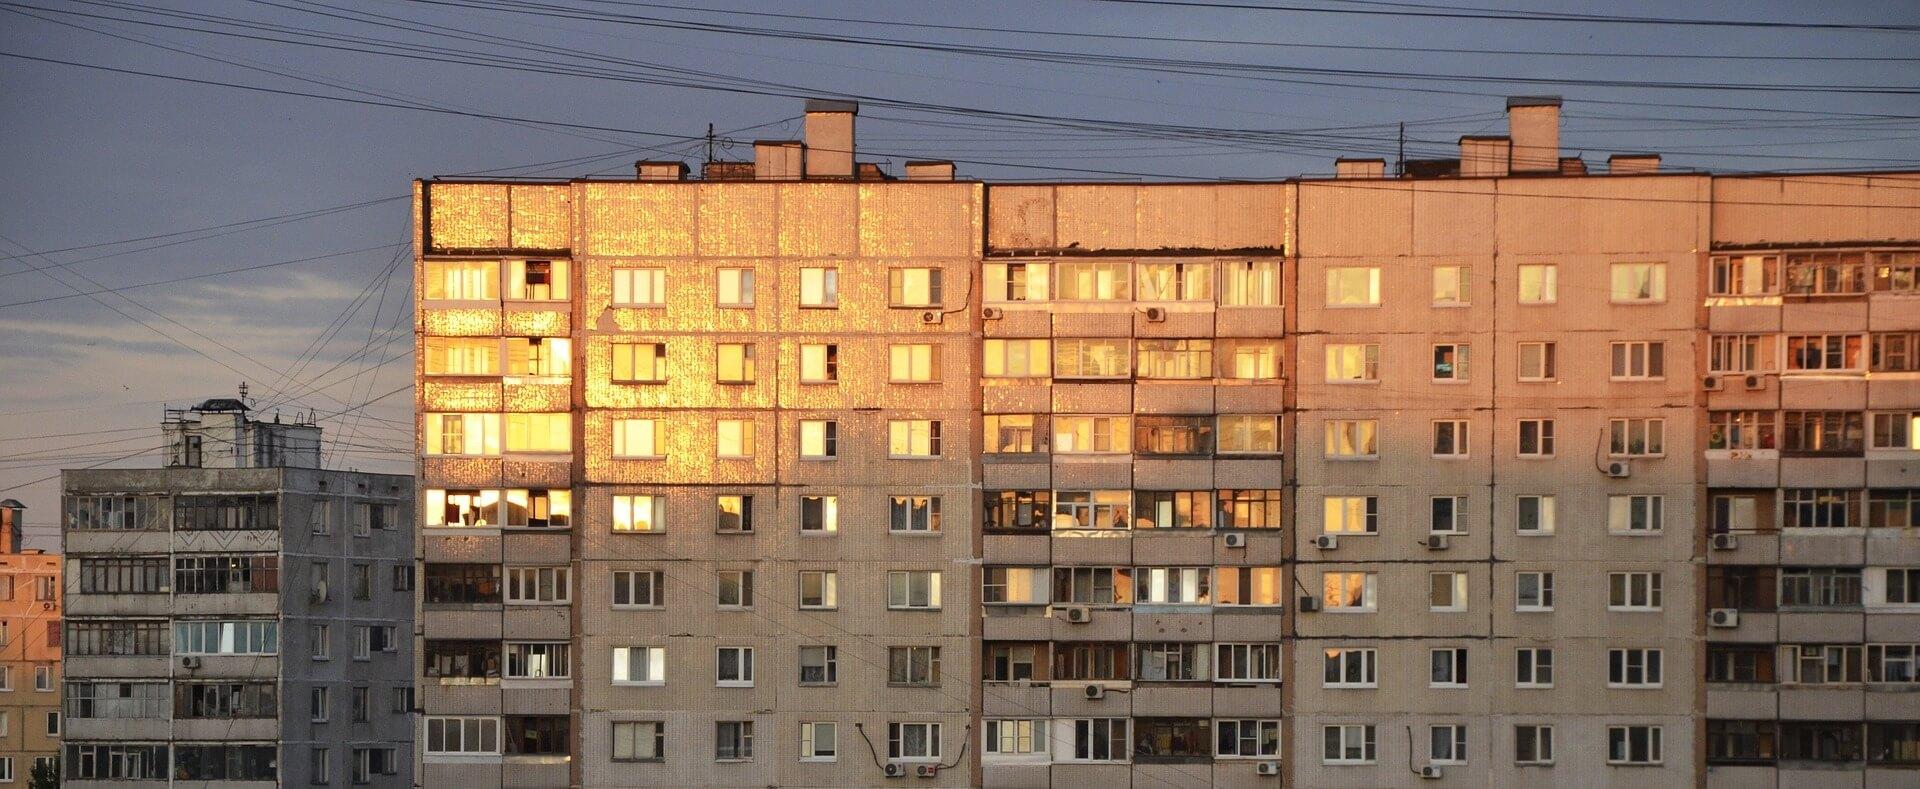 проходят миграционные фото из окон многоэтажных домов процесс производства